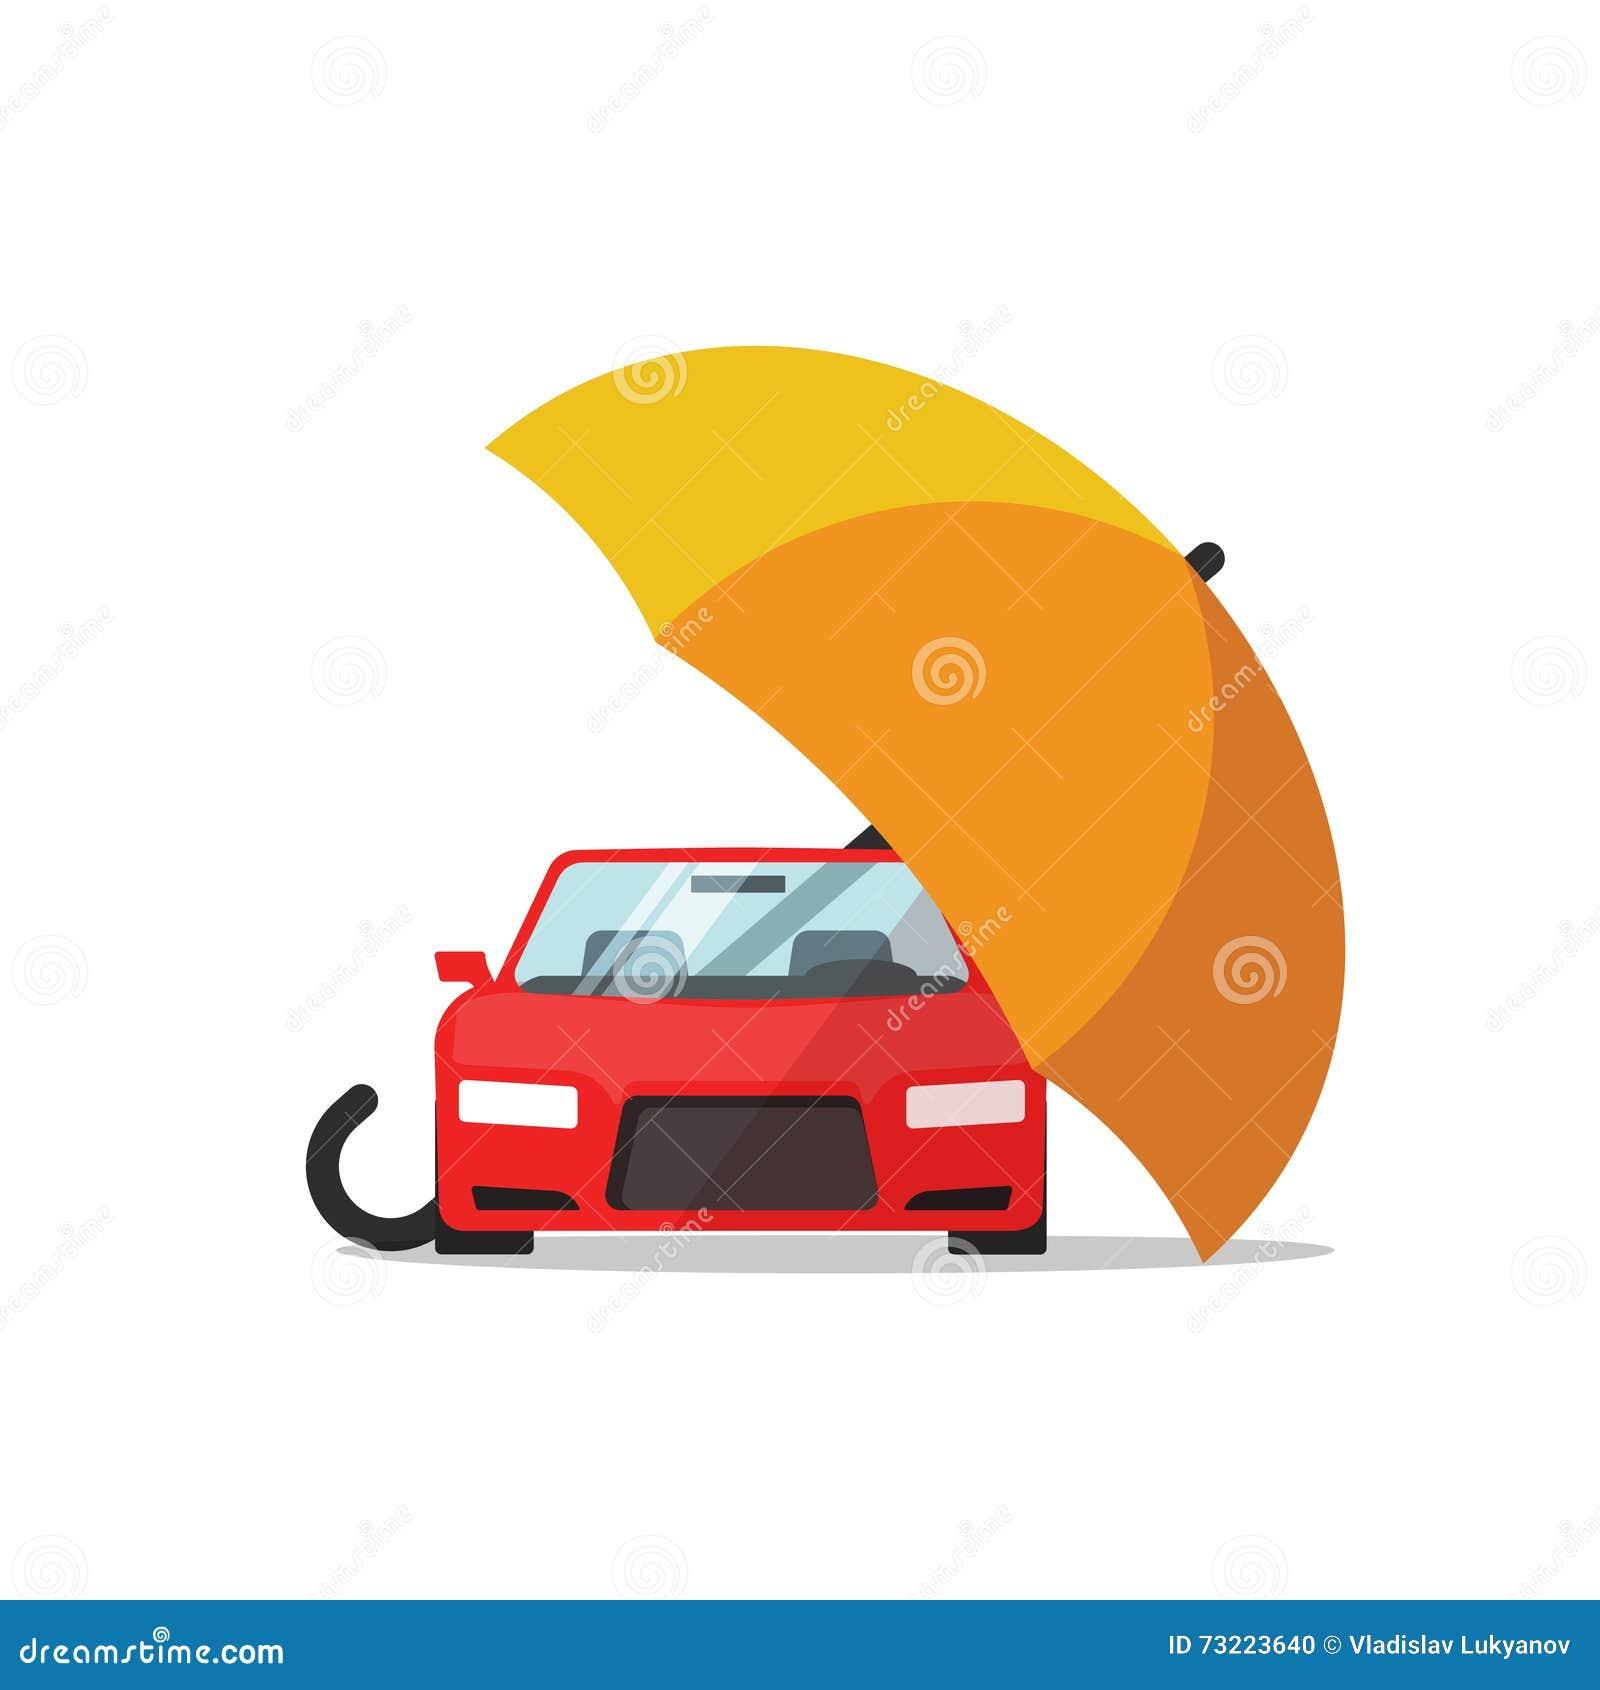 Концепция вектора страхования автомобилей, автоматическая защита, иллюстрация автомобиля крышки зонтика